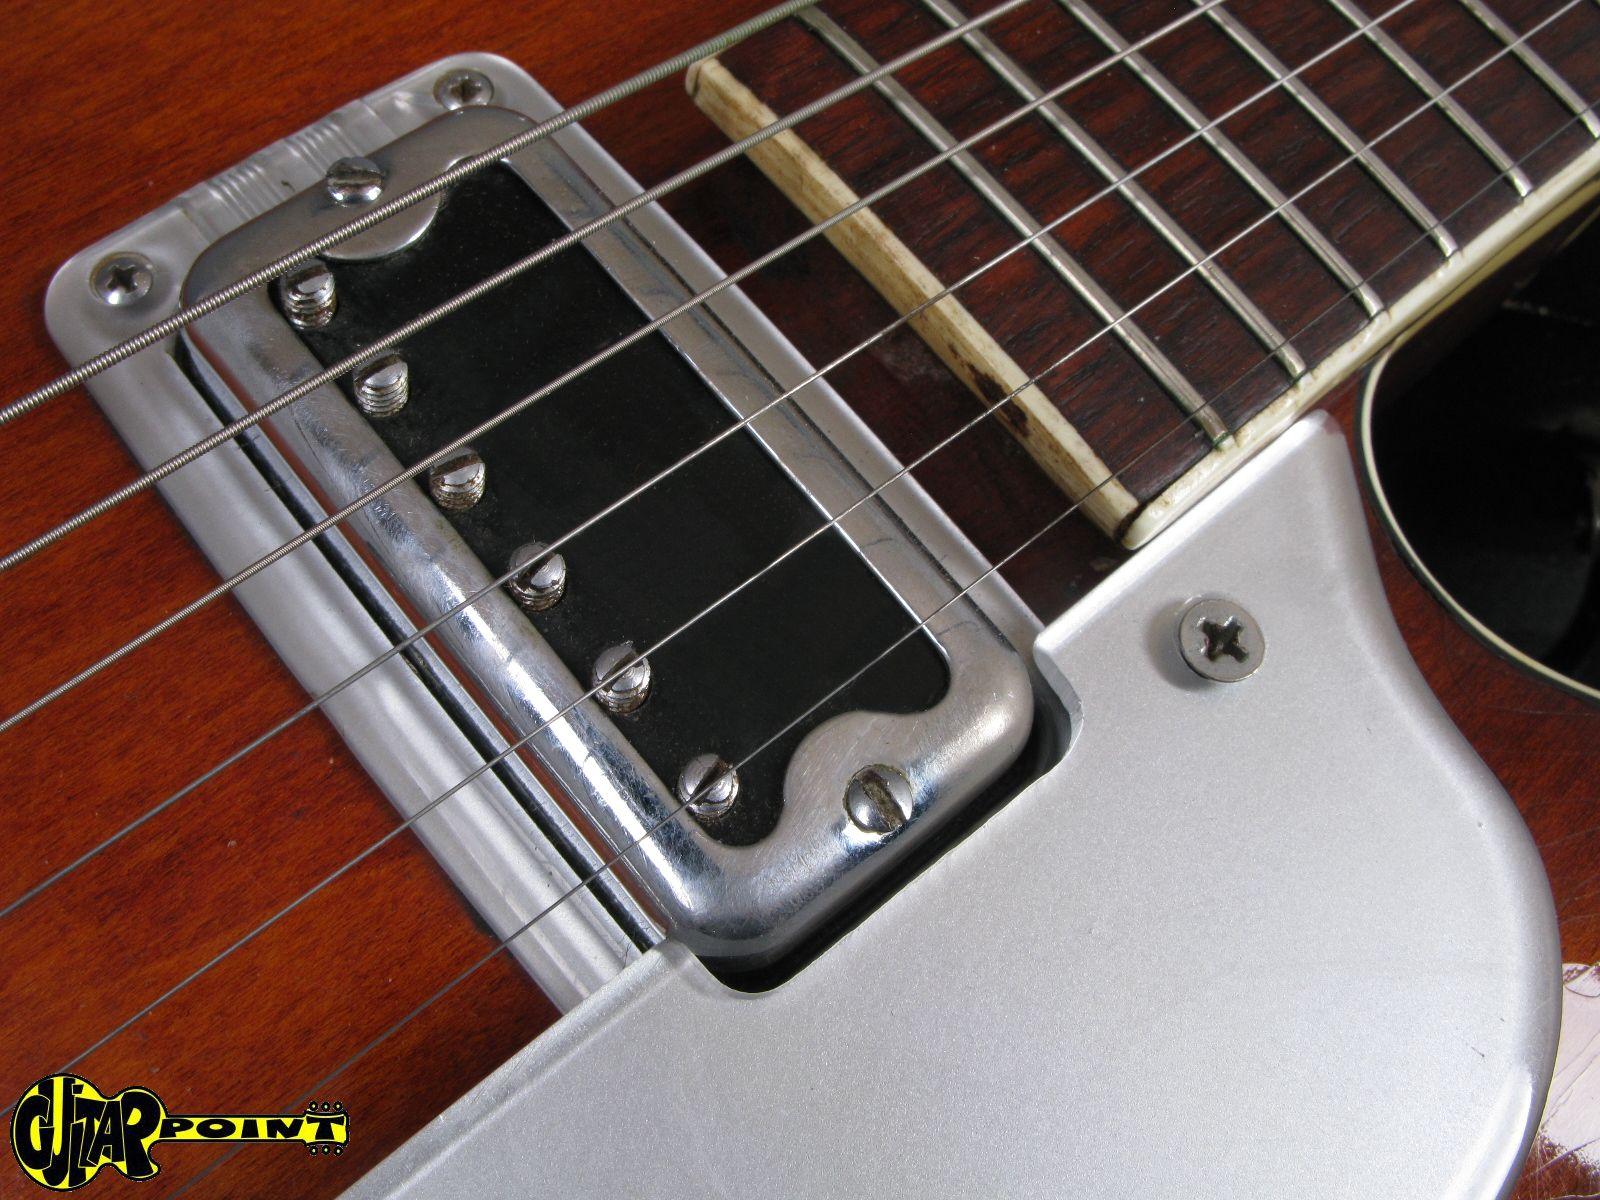 https://guitarpoint.de/app/uploads/products/1967-gretsch-6119-chet-atkins-tennessean-2/Gretsch67Tenn871239_19.jpg